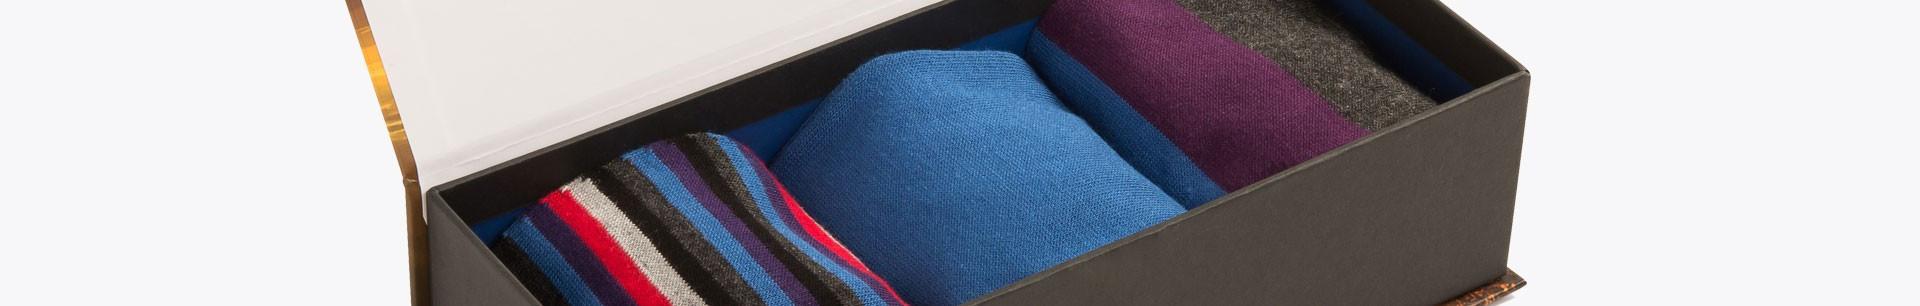 Men's Gift Sets | Sock Gift Sets for Men